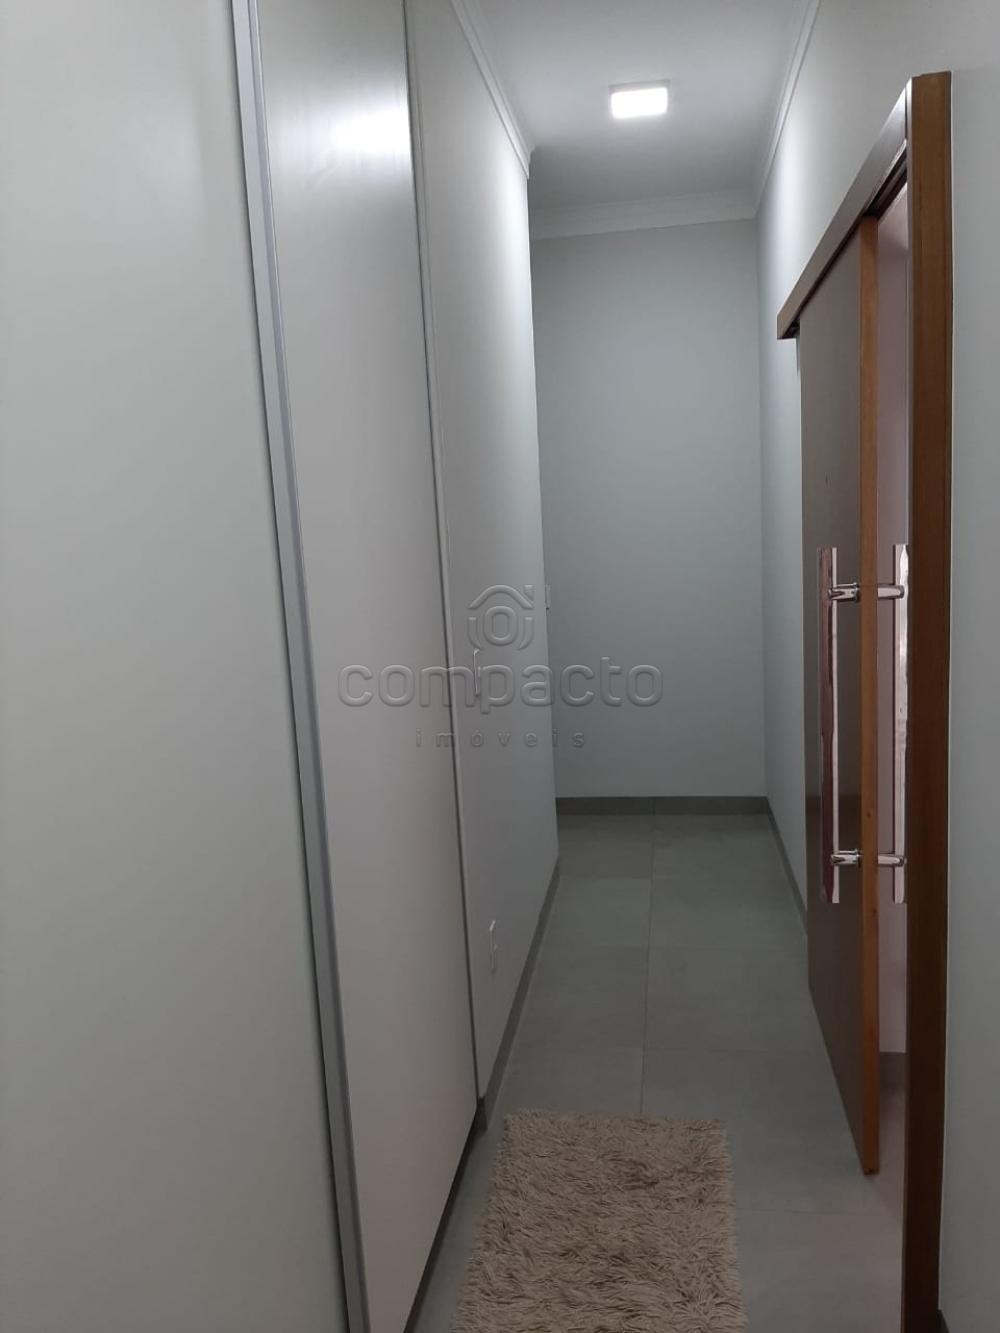 Comprar Casa / Condomínio em São José do Rio Preto apenas R$ 680.000,00 - Foto 9